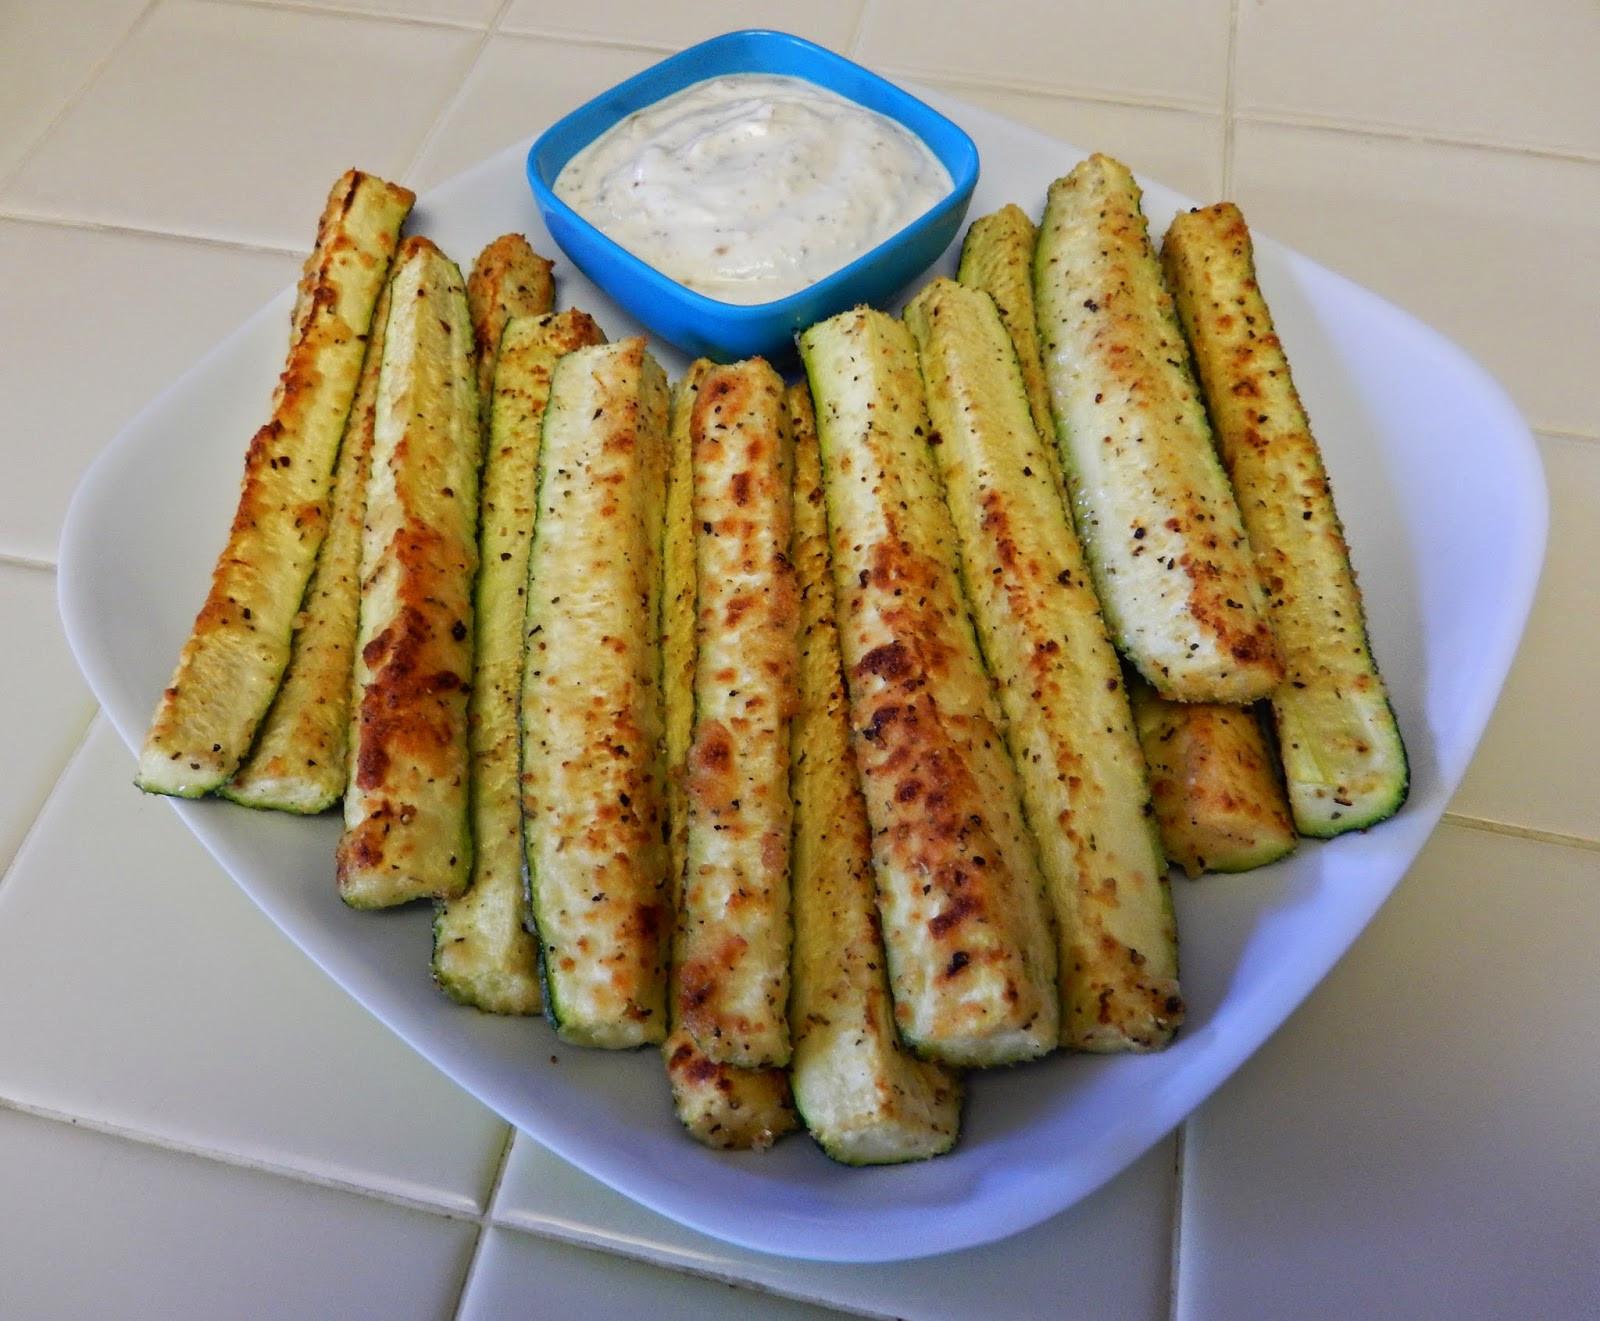 Healthy Snacks For Movies  theworldaccordingtoeggface Healthy Movie Night Snacks